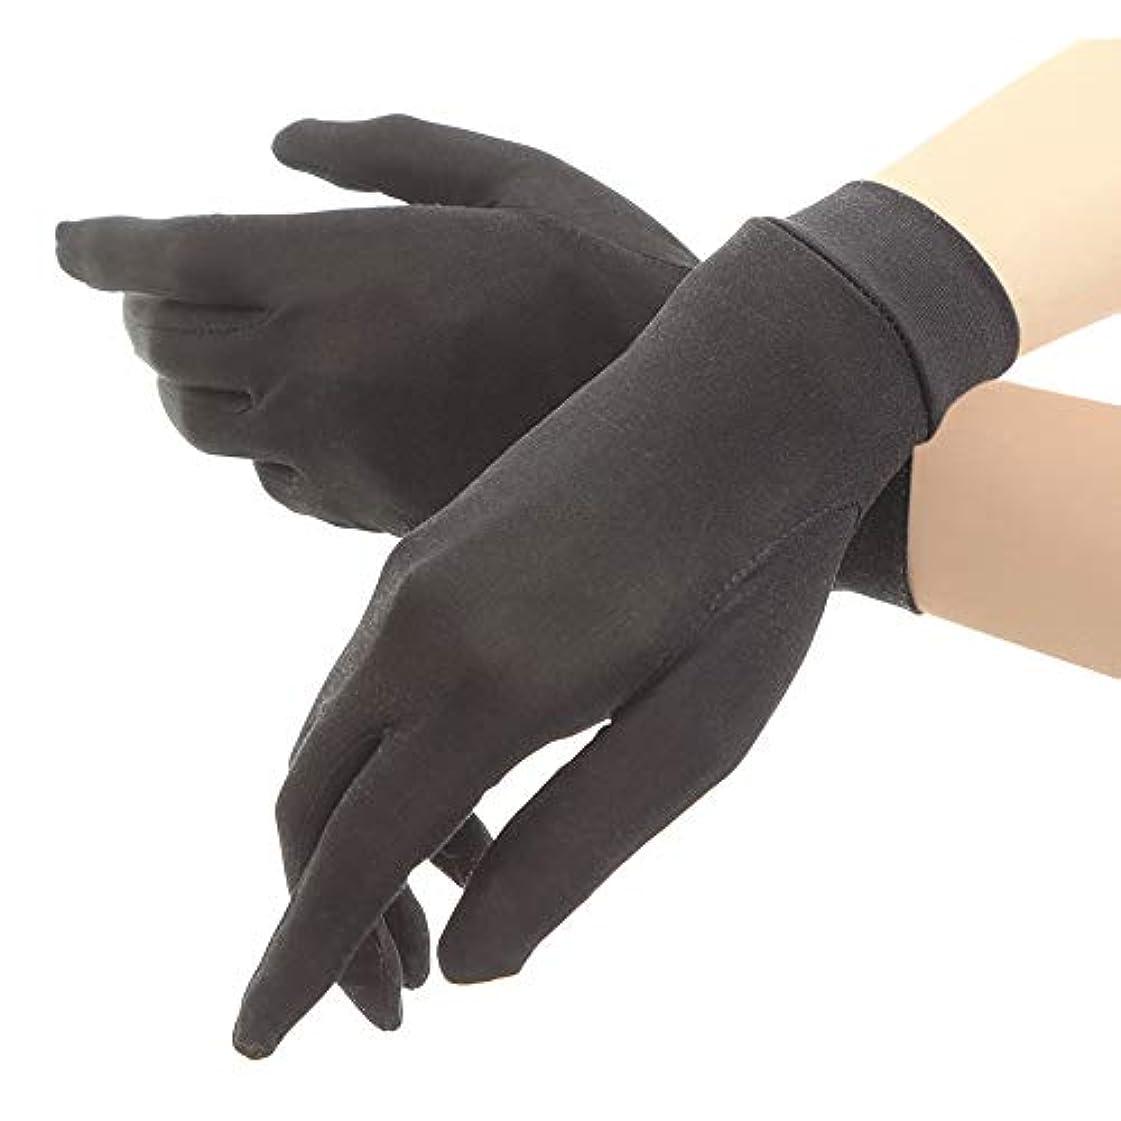 ハンディスチュワーデス囚人シルク手袋 レディース 手袋 シルク 絹 ハンド ケア 保湿 紫外線 肌荒れ 乾燥 サイズアップで手指にマッチ 【macch】